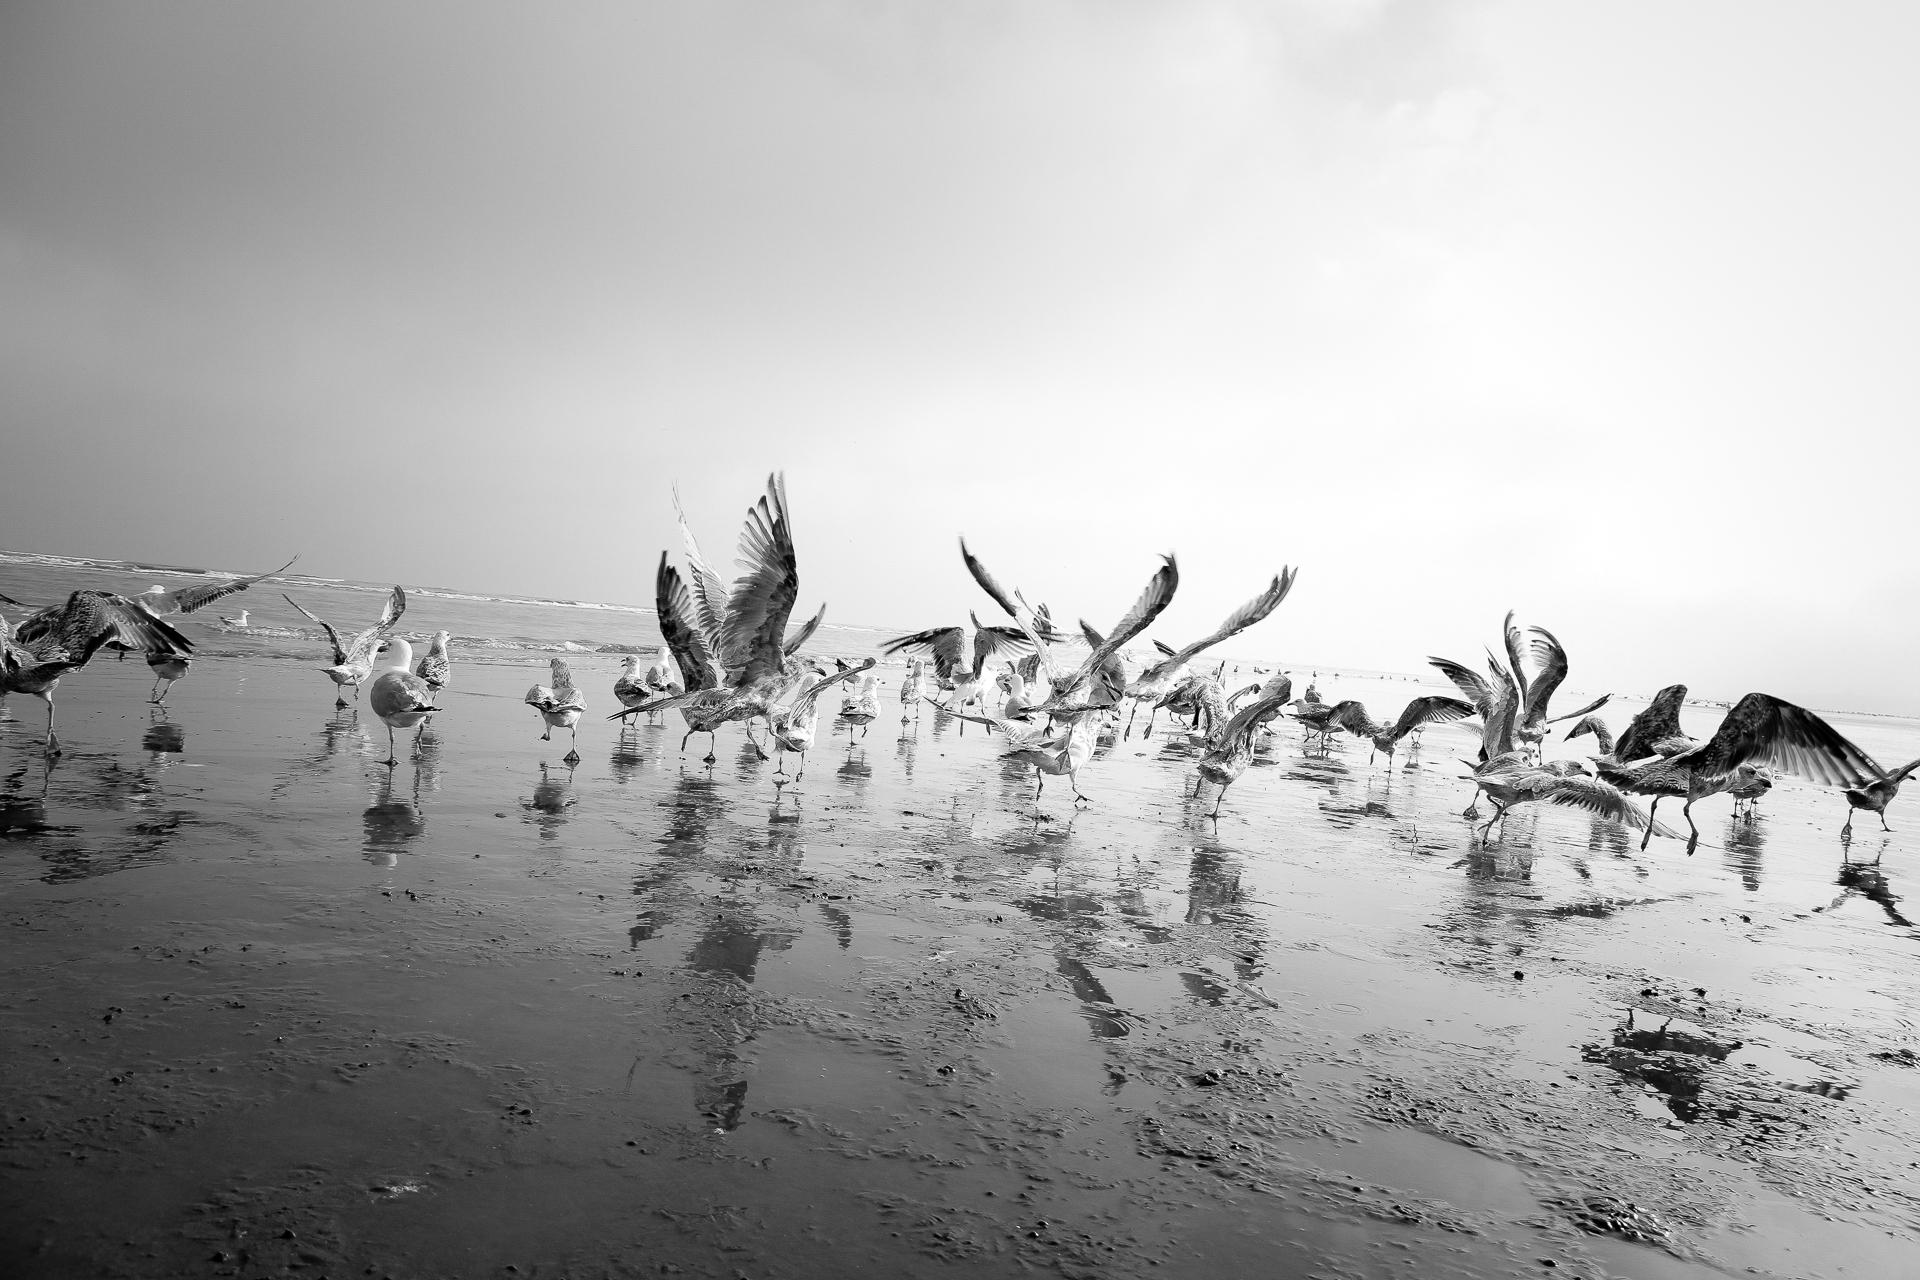 Seagulls enjoying the fishing